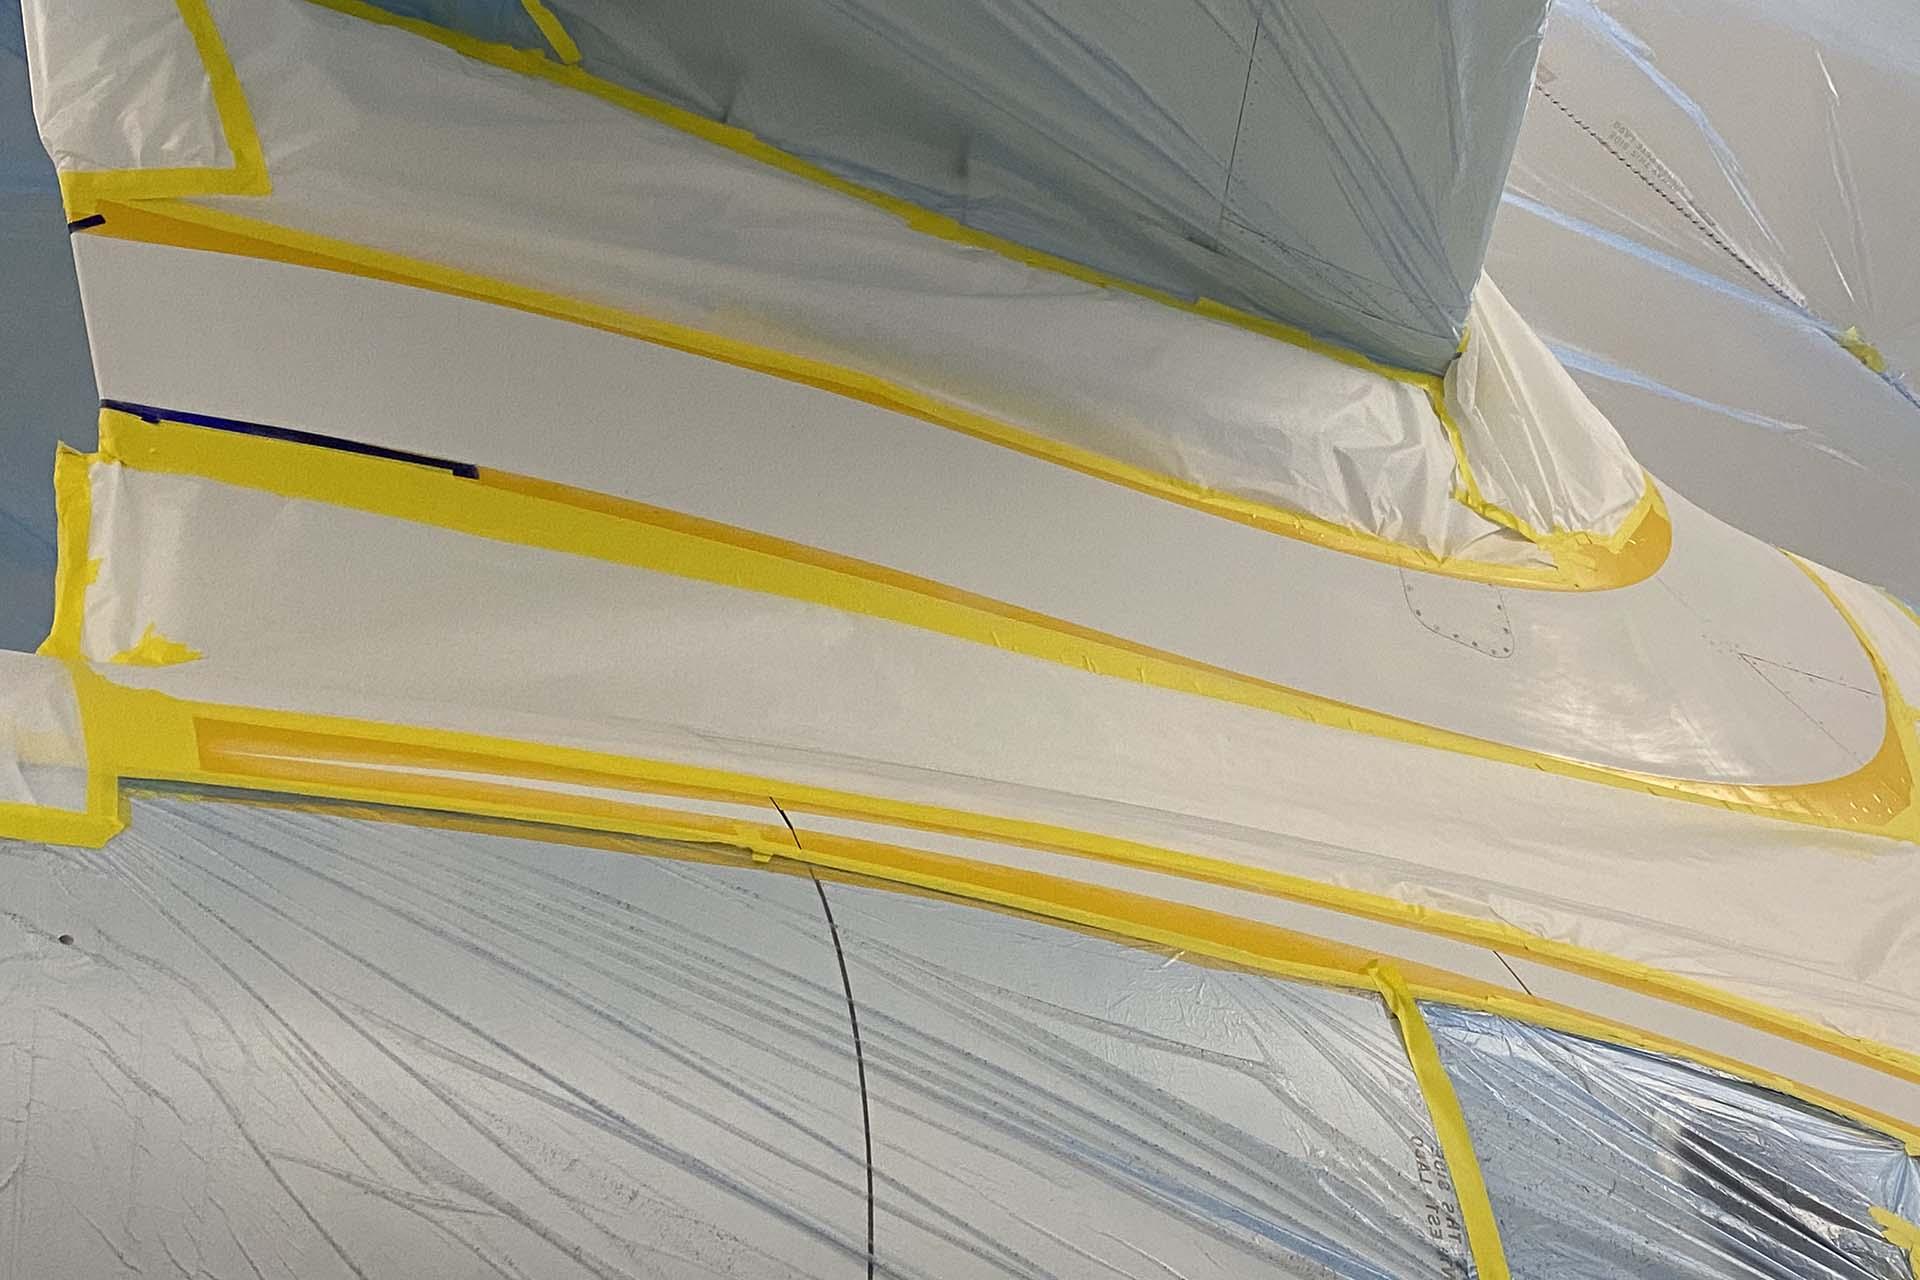 falcon 900 f900 paint in progress